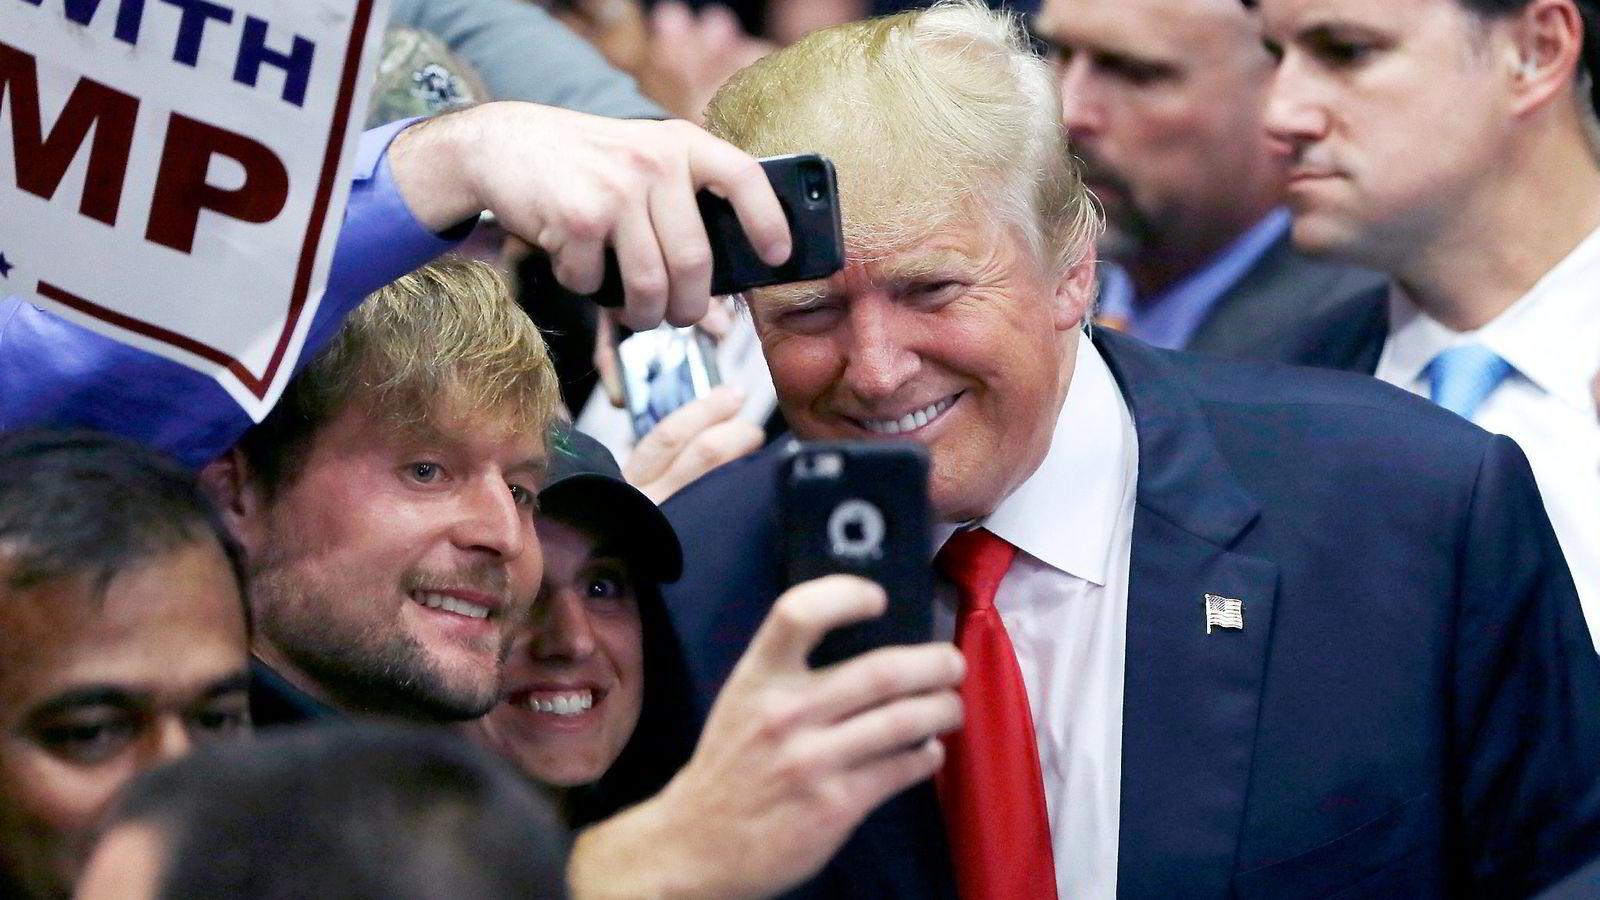 Artikkelforfatteren oppfordrer til å følge Donald Trump i sosiale medier. Foto: Carlos Osorio/AP/NTB Scanpix